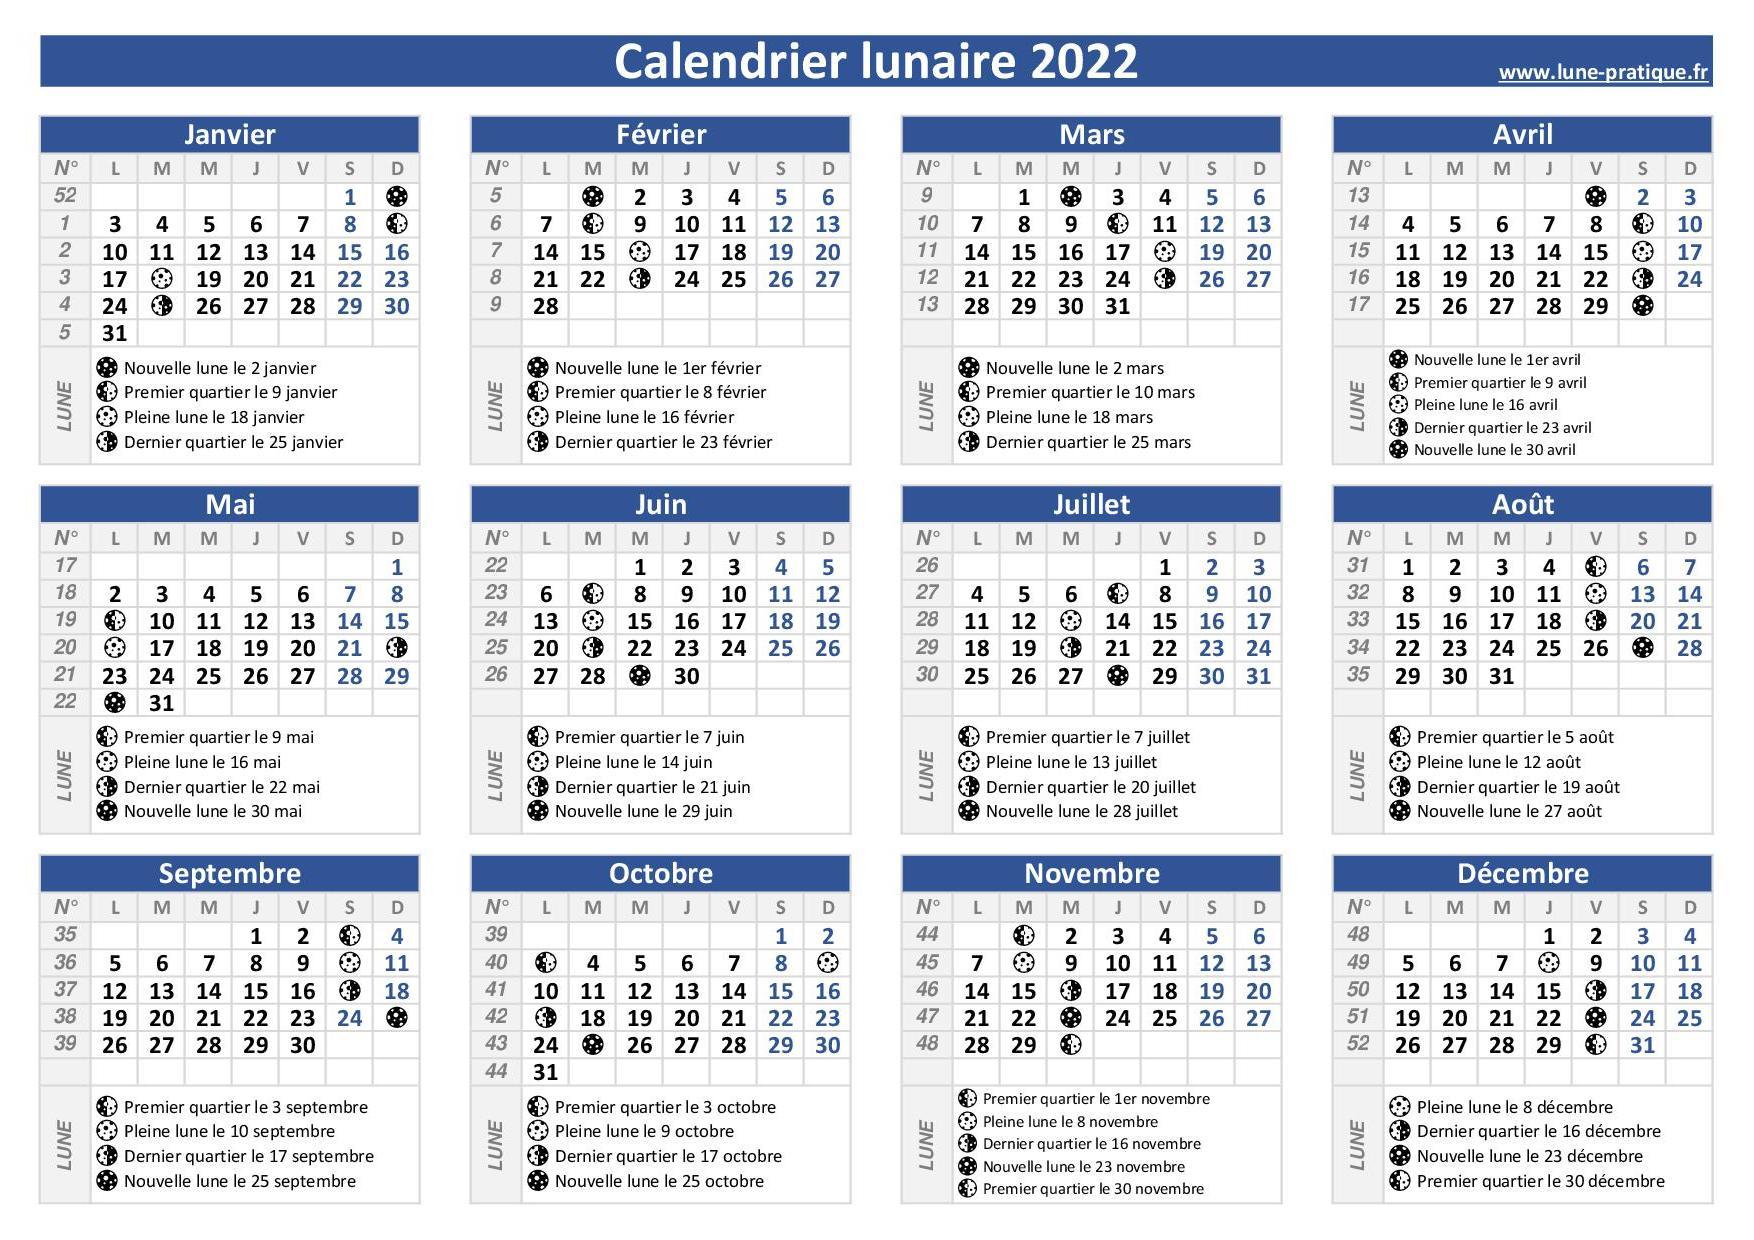 Calendrier 2022 Lunaire Calendrier lunaire 2022 🌙 à consulter et imprimer